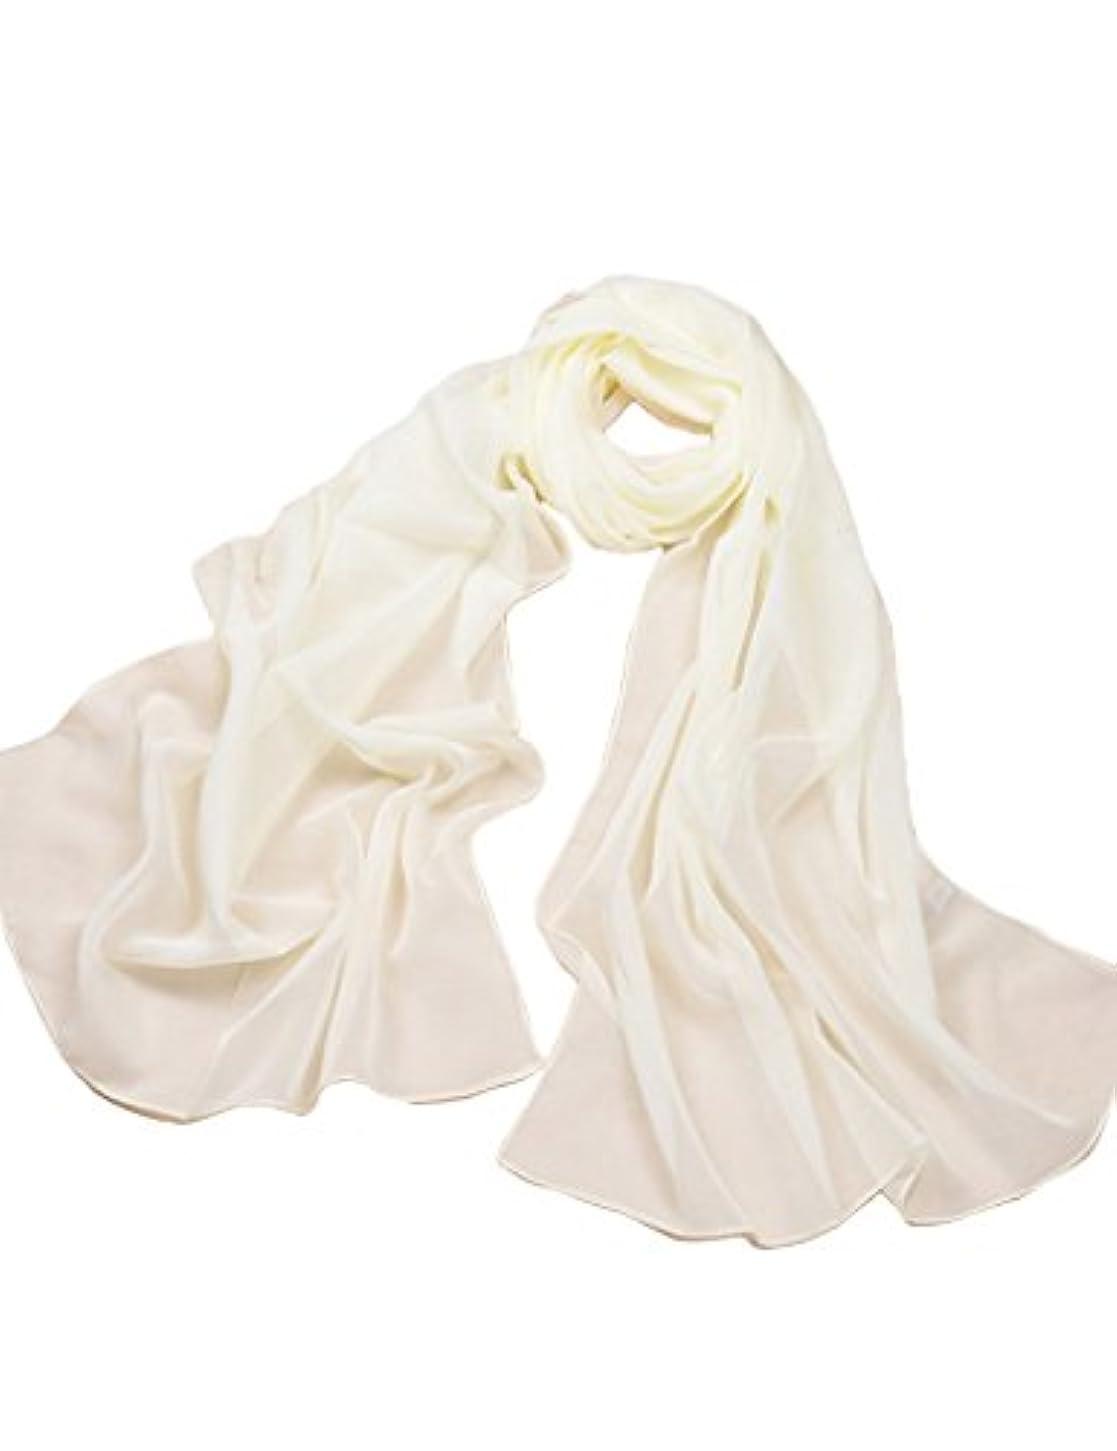 使用法低い大学生(ベストギフト)Bestgift 全20色 レディース ファッション UVカット スカーフ ベージュ フリーサイズ